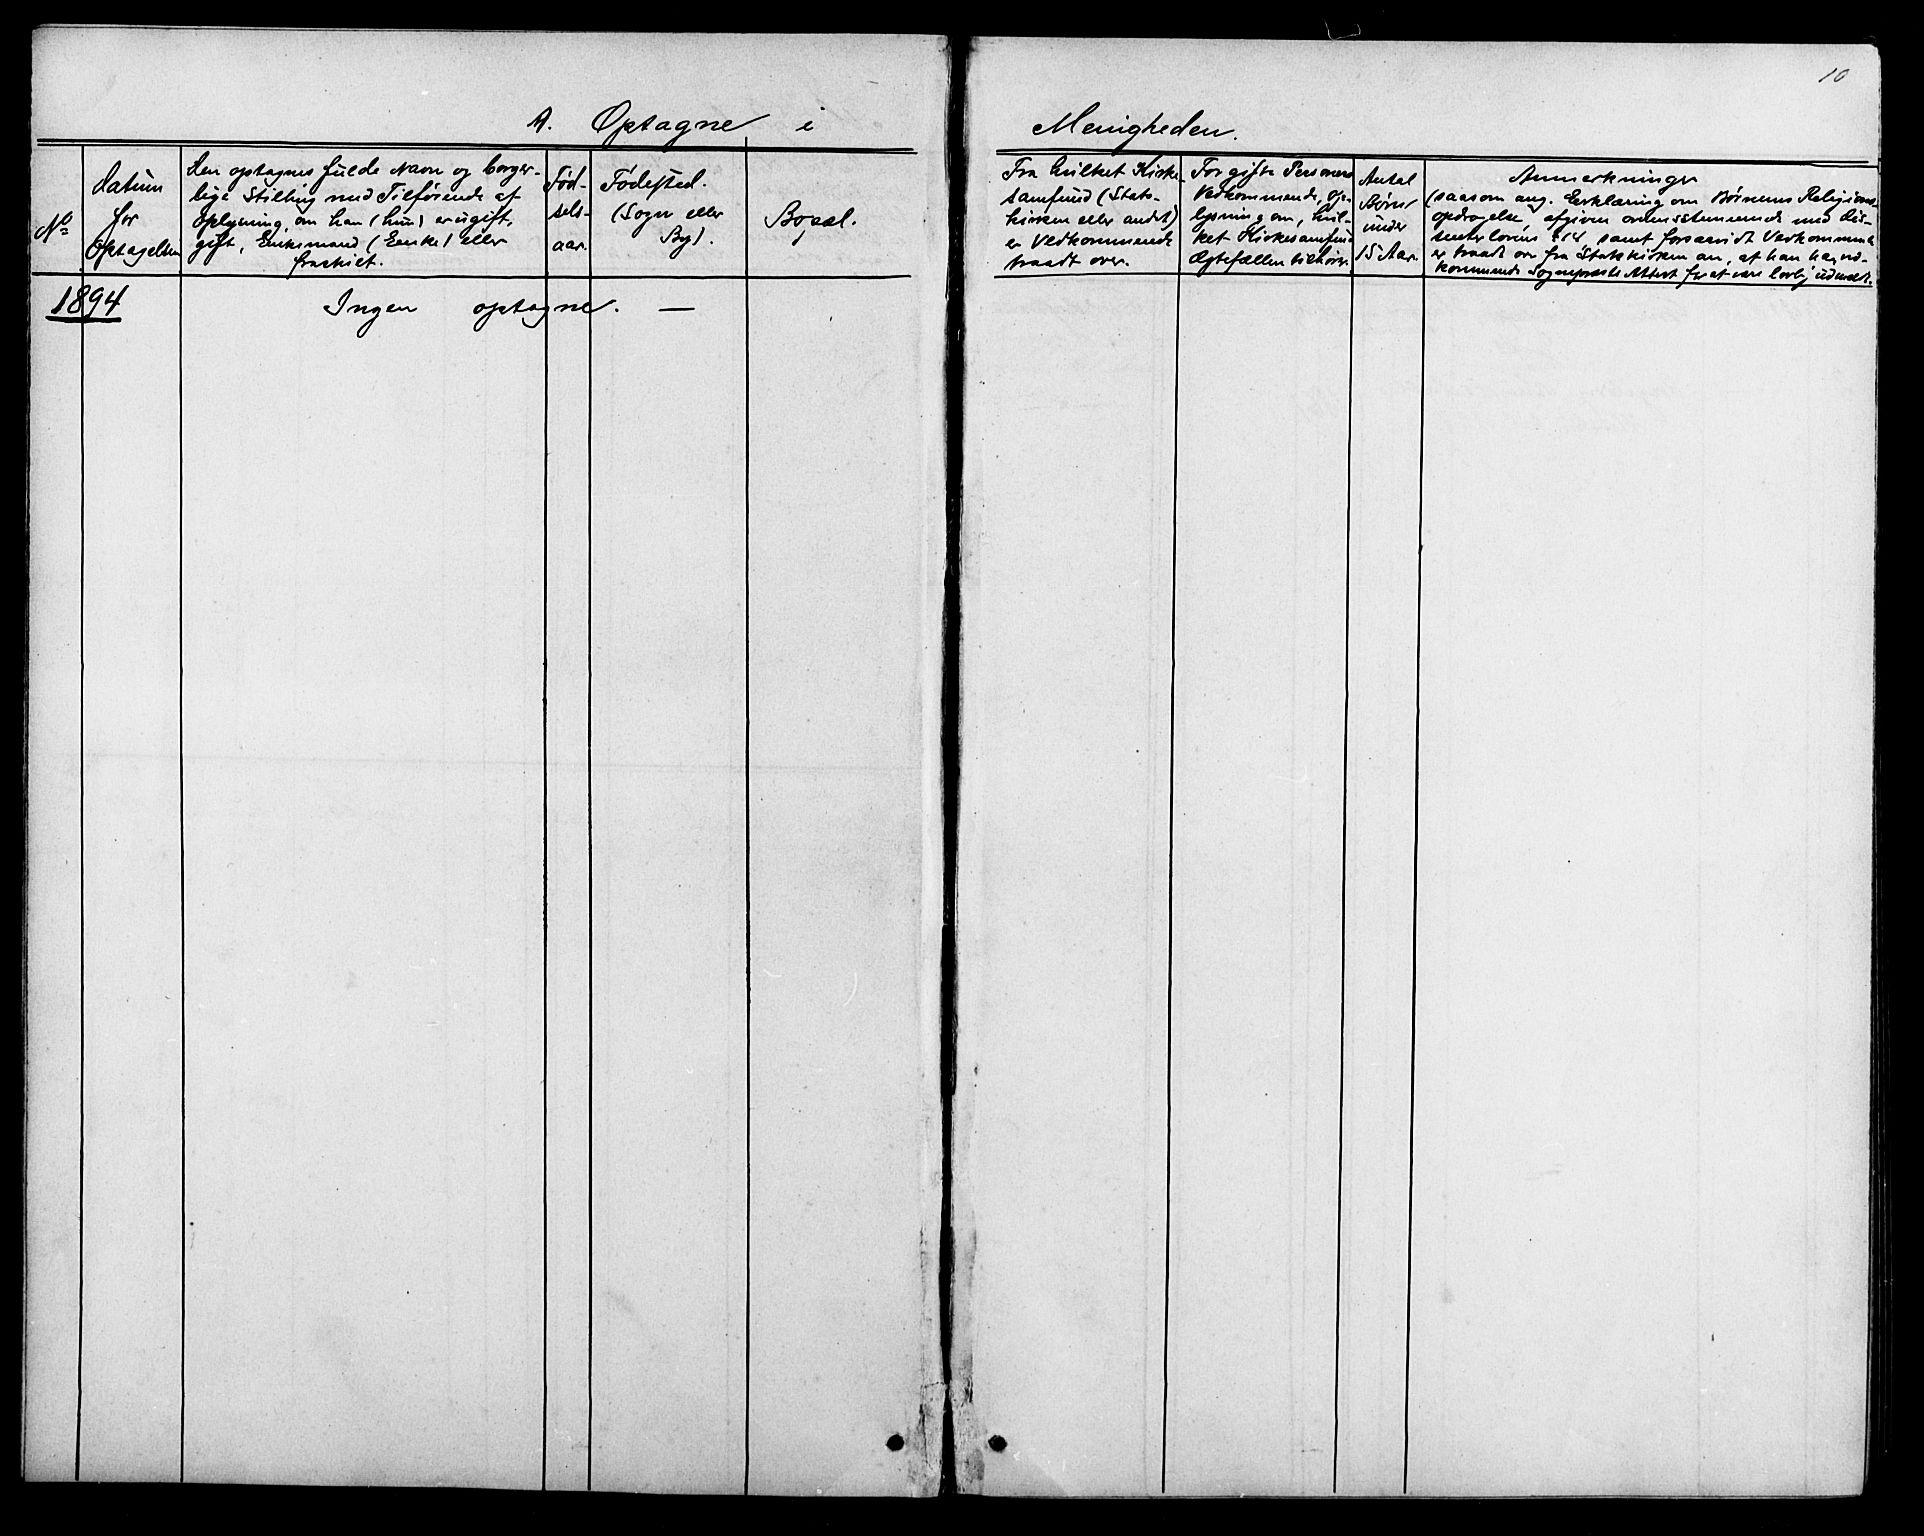 SAK, Baptistmenigheten i Tvedestrand, F/Fa/L0002: Dissenterprotokoll nr. F 1, 1892-1895, s. 10